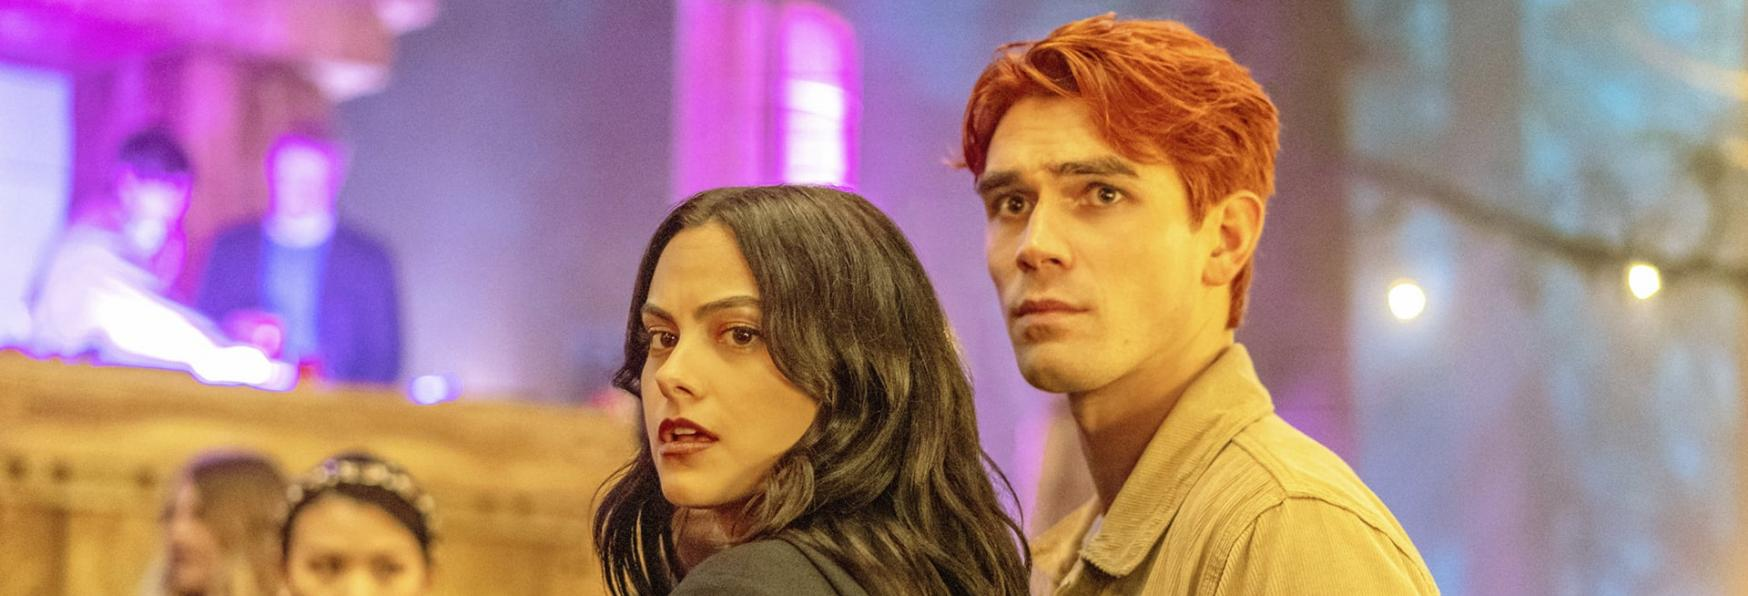 """Riverdale 4: la Recensione del 13° Episodio """"Chapter Seventy: The Ides of March"""""""